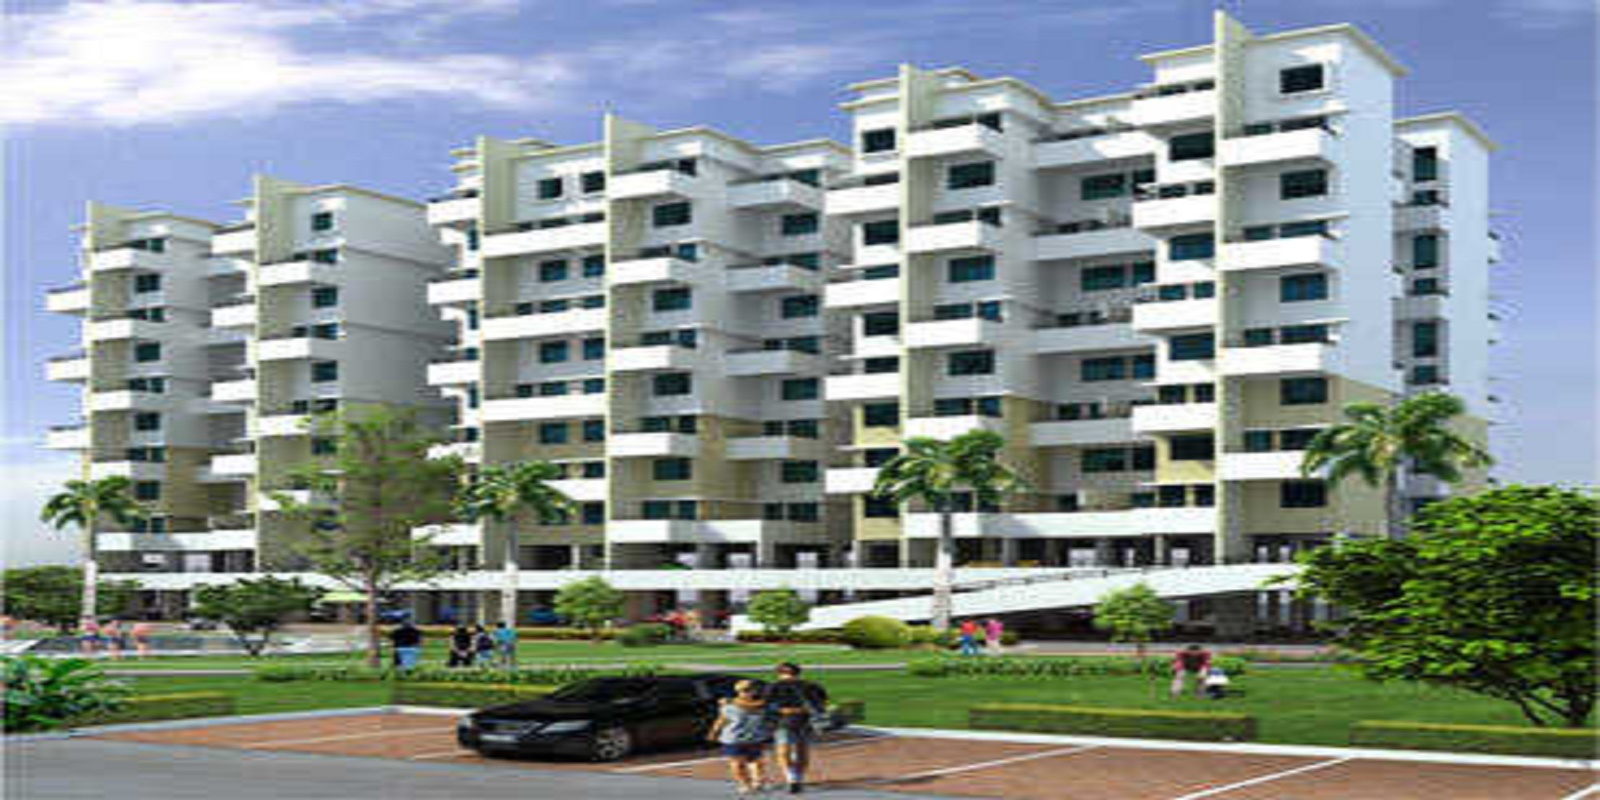 paranjape schemes vasant vihar towers project project large image1